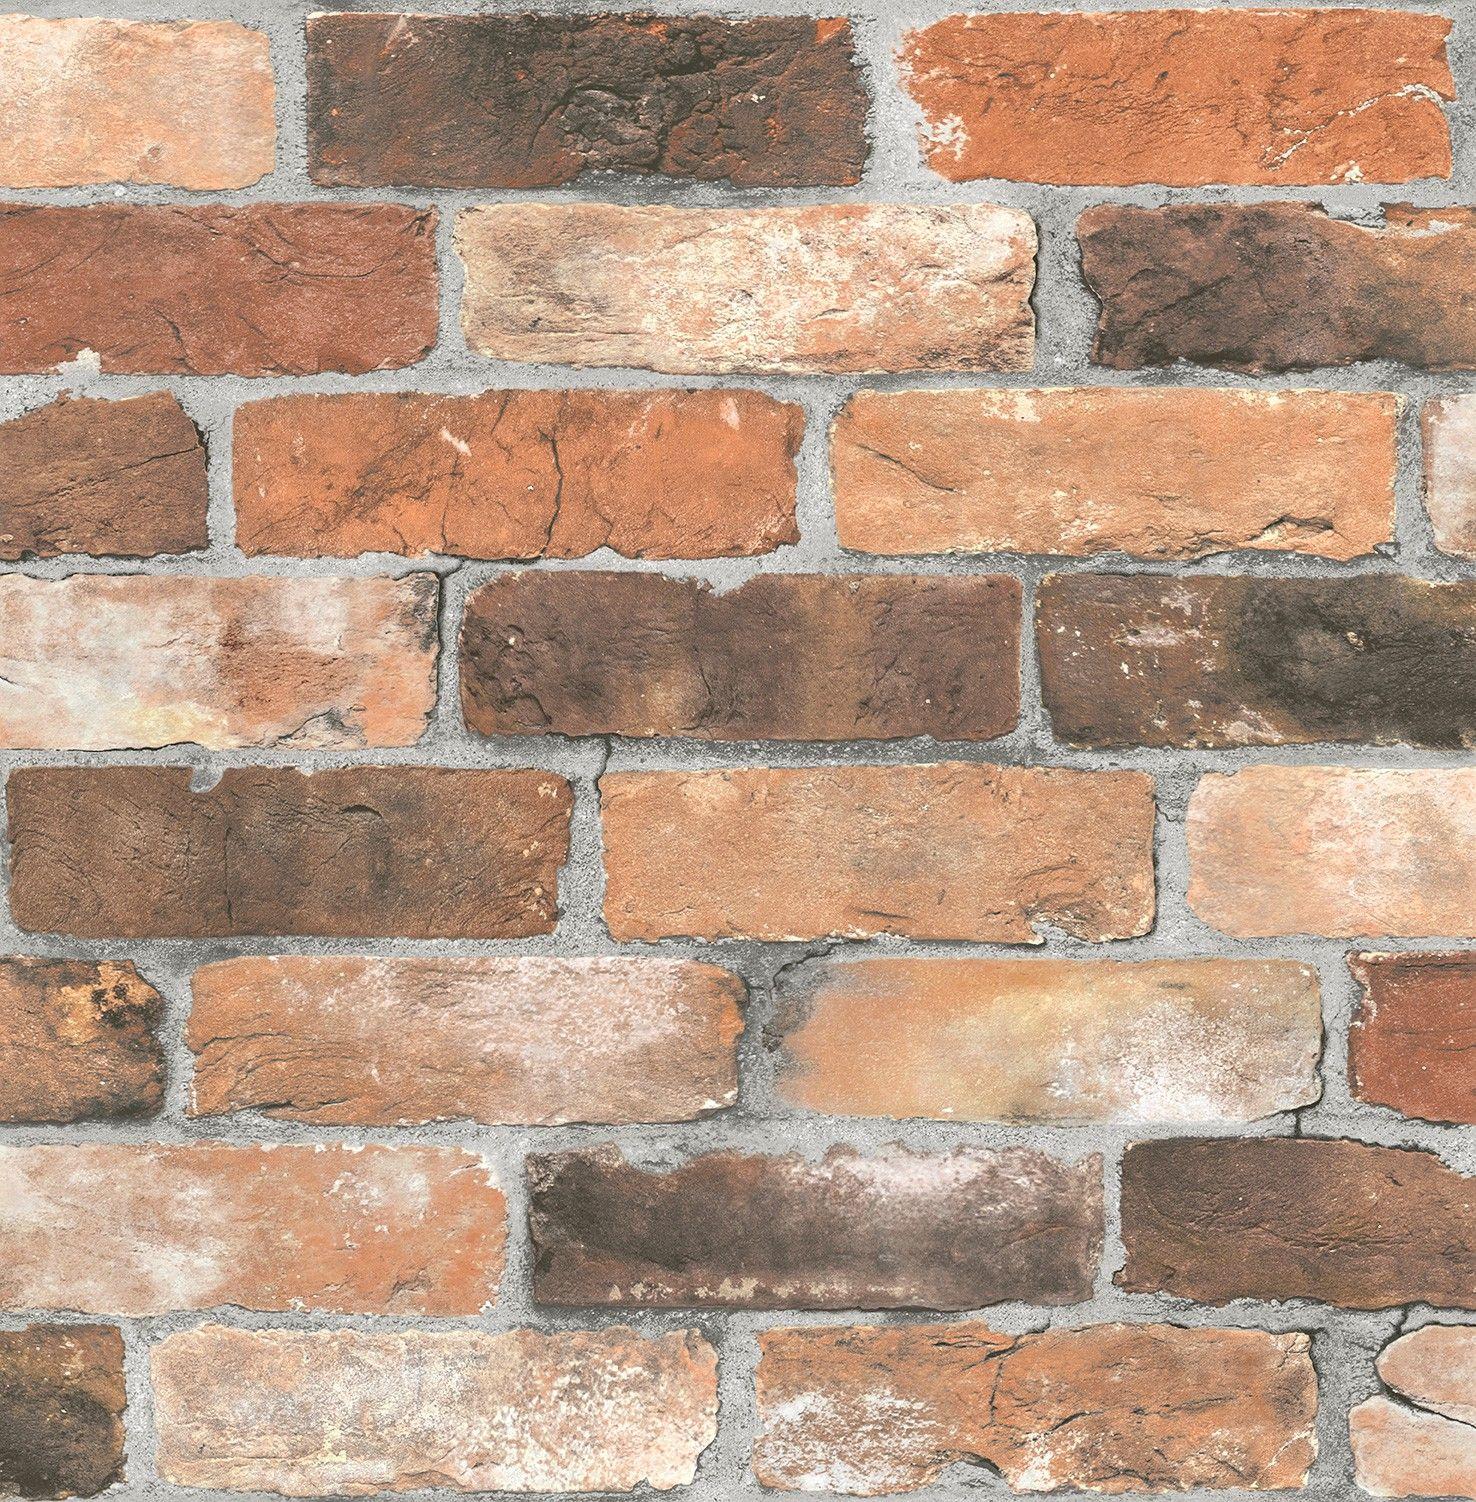 tapete stein optik mauer rasch textil grau rot 022300 tapeten g nstig tapeten und steinwand. Black Bedroom Furniture Sets. Home Design Ideas